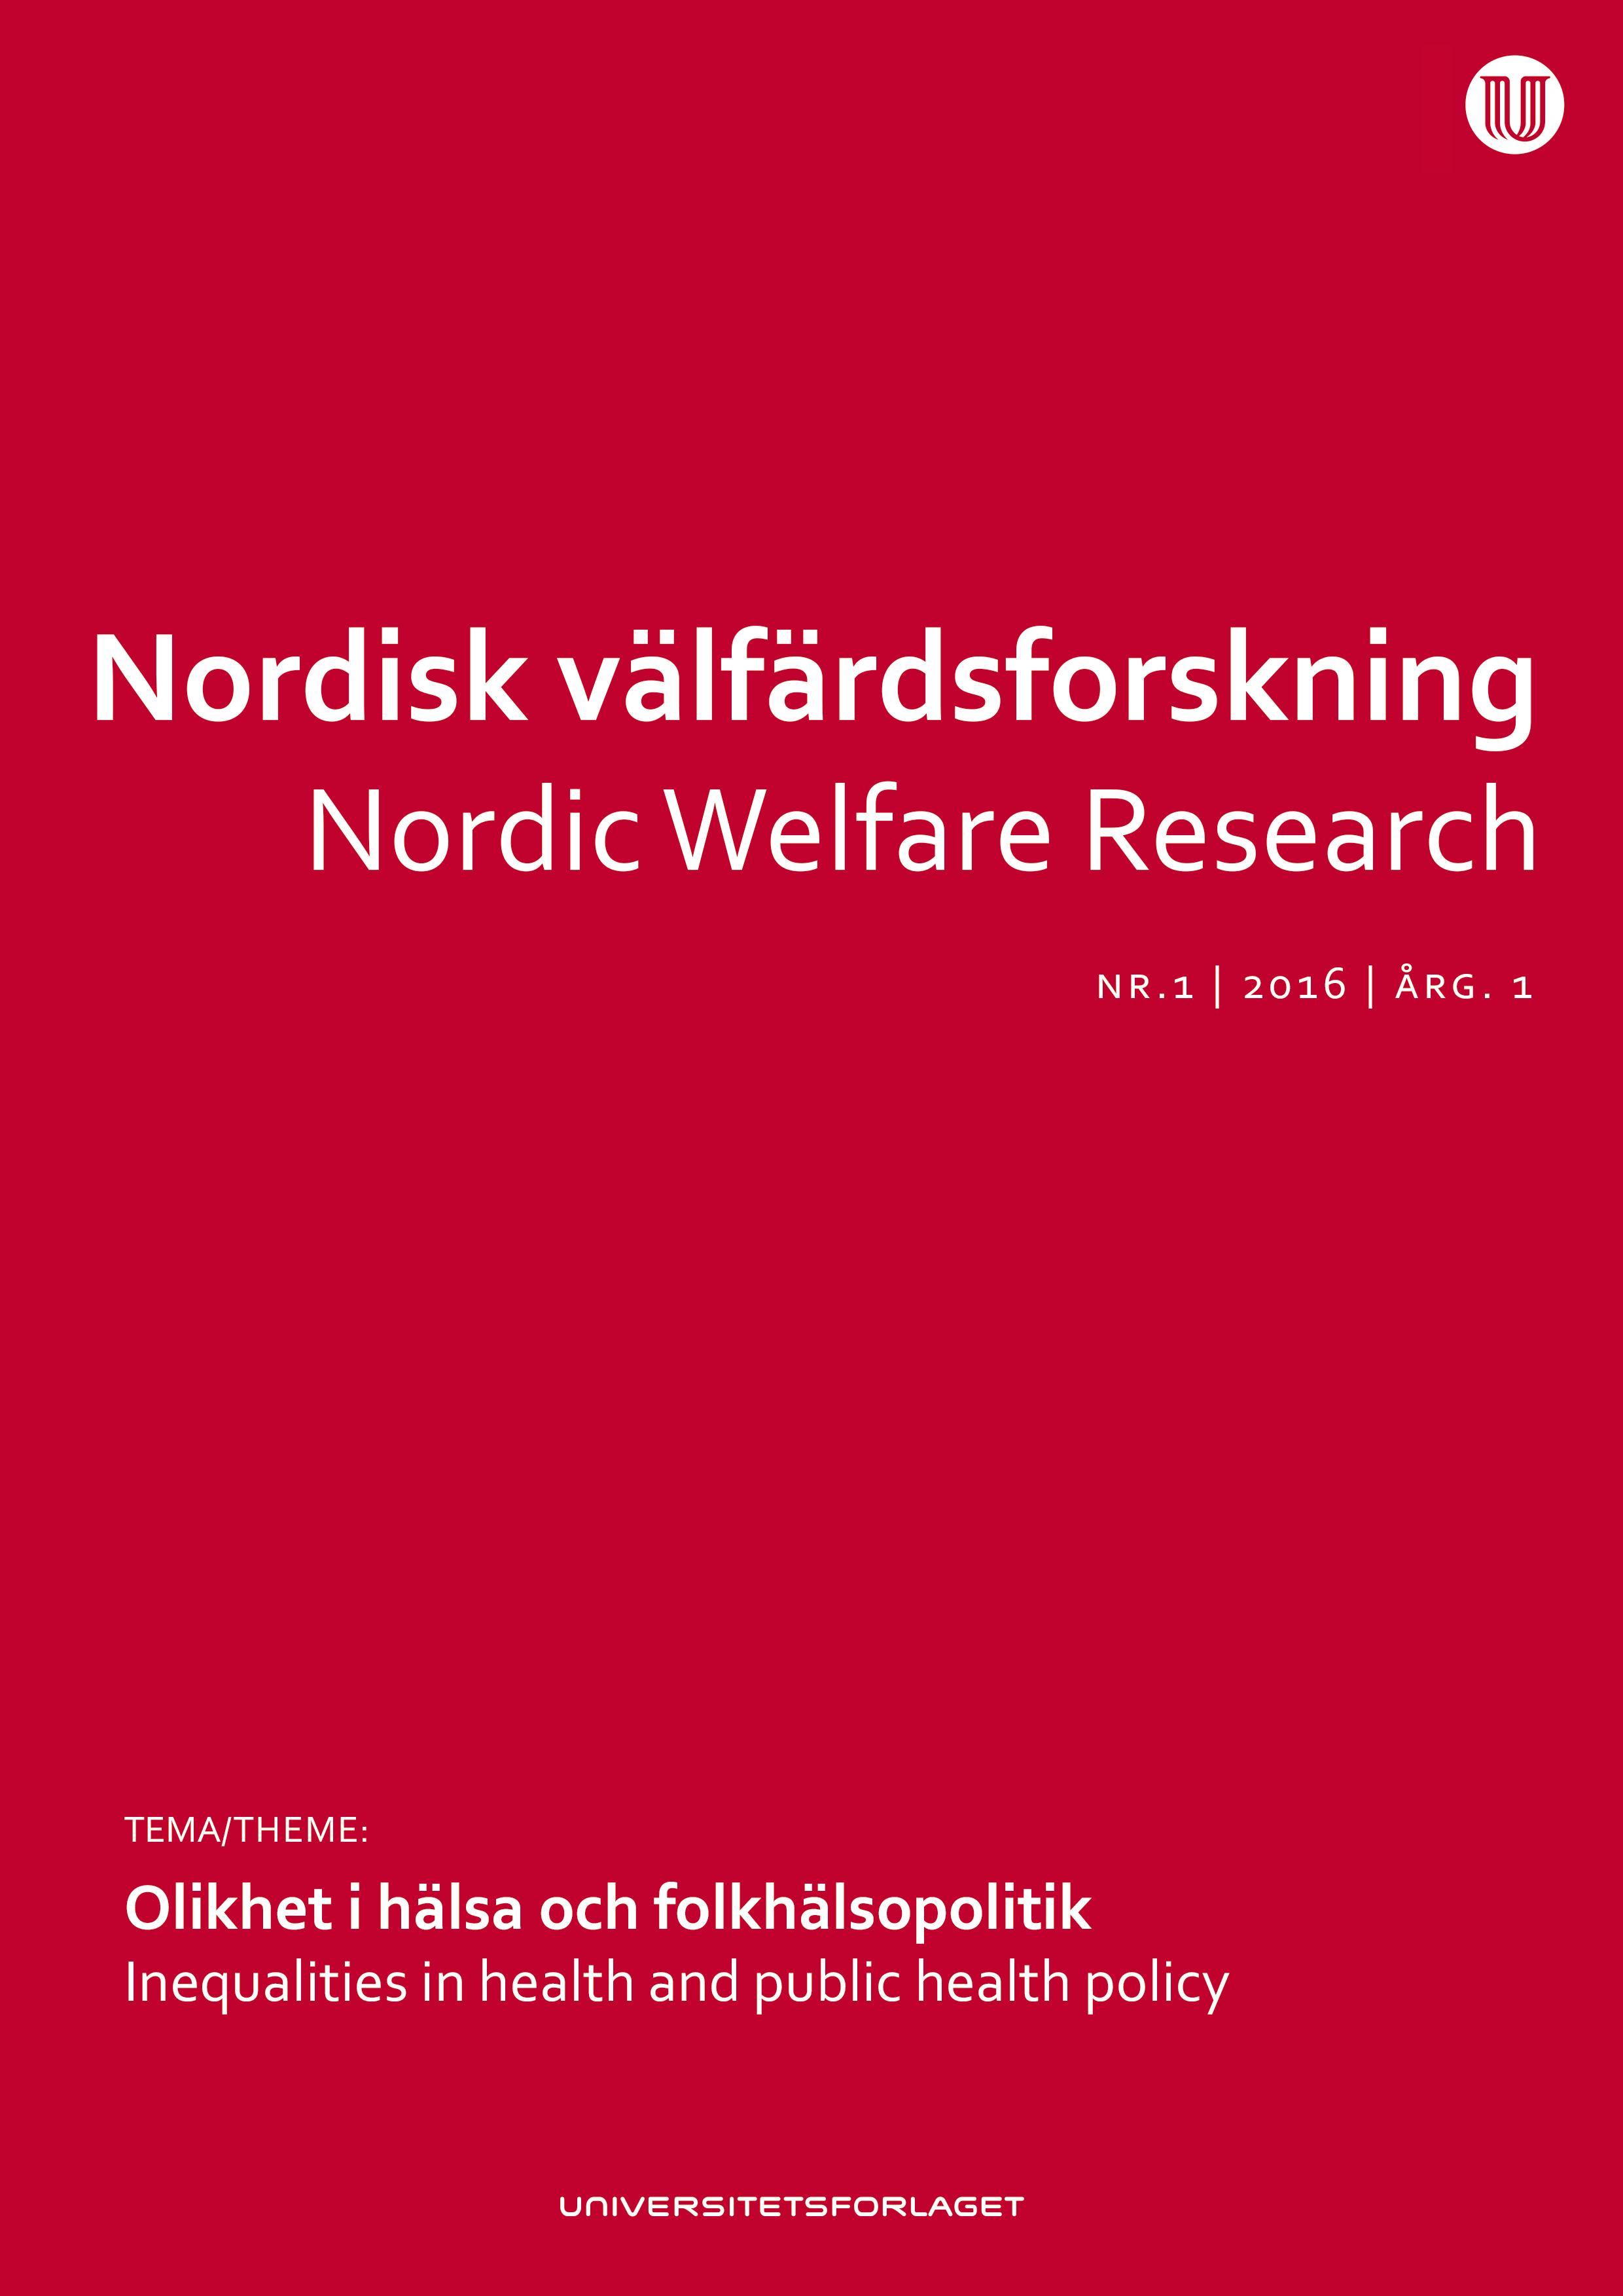 Nordisk velferdsforskning